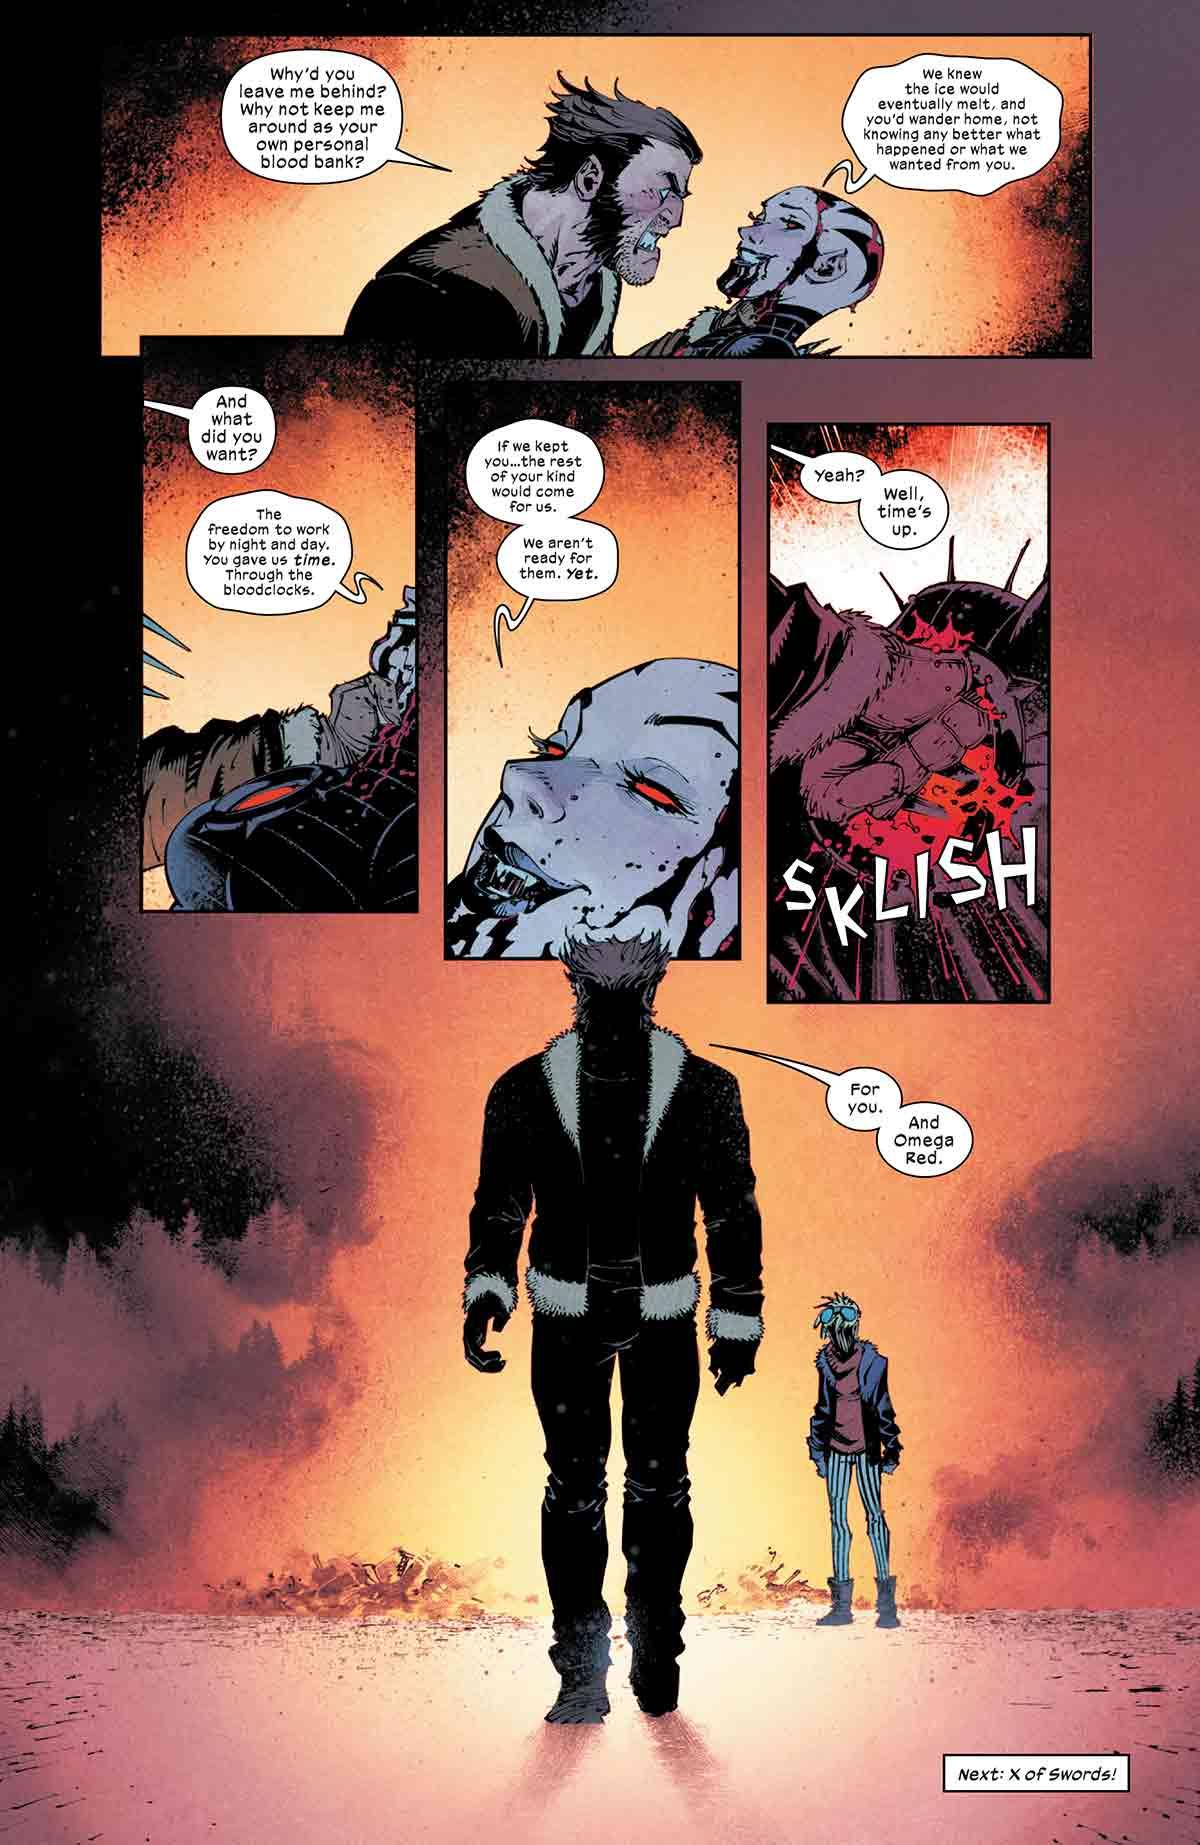 Wolverine le demuestra su brutalidad a Drácula